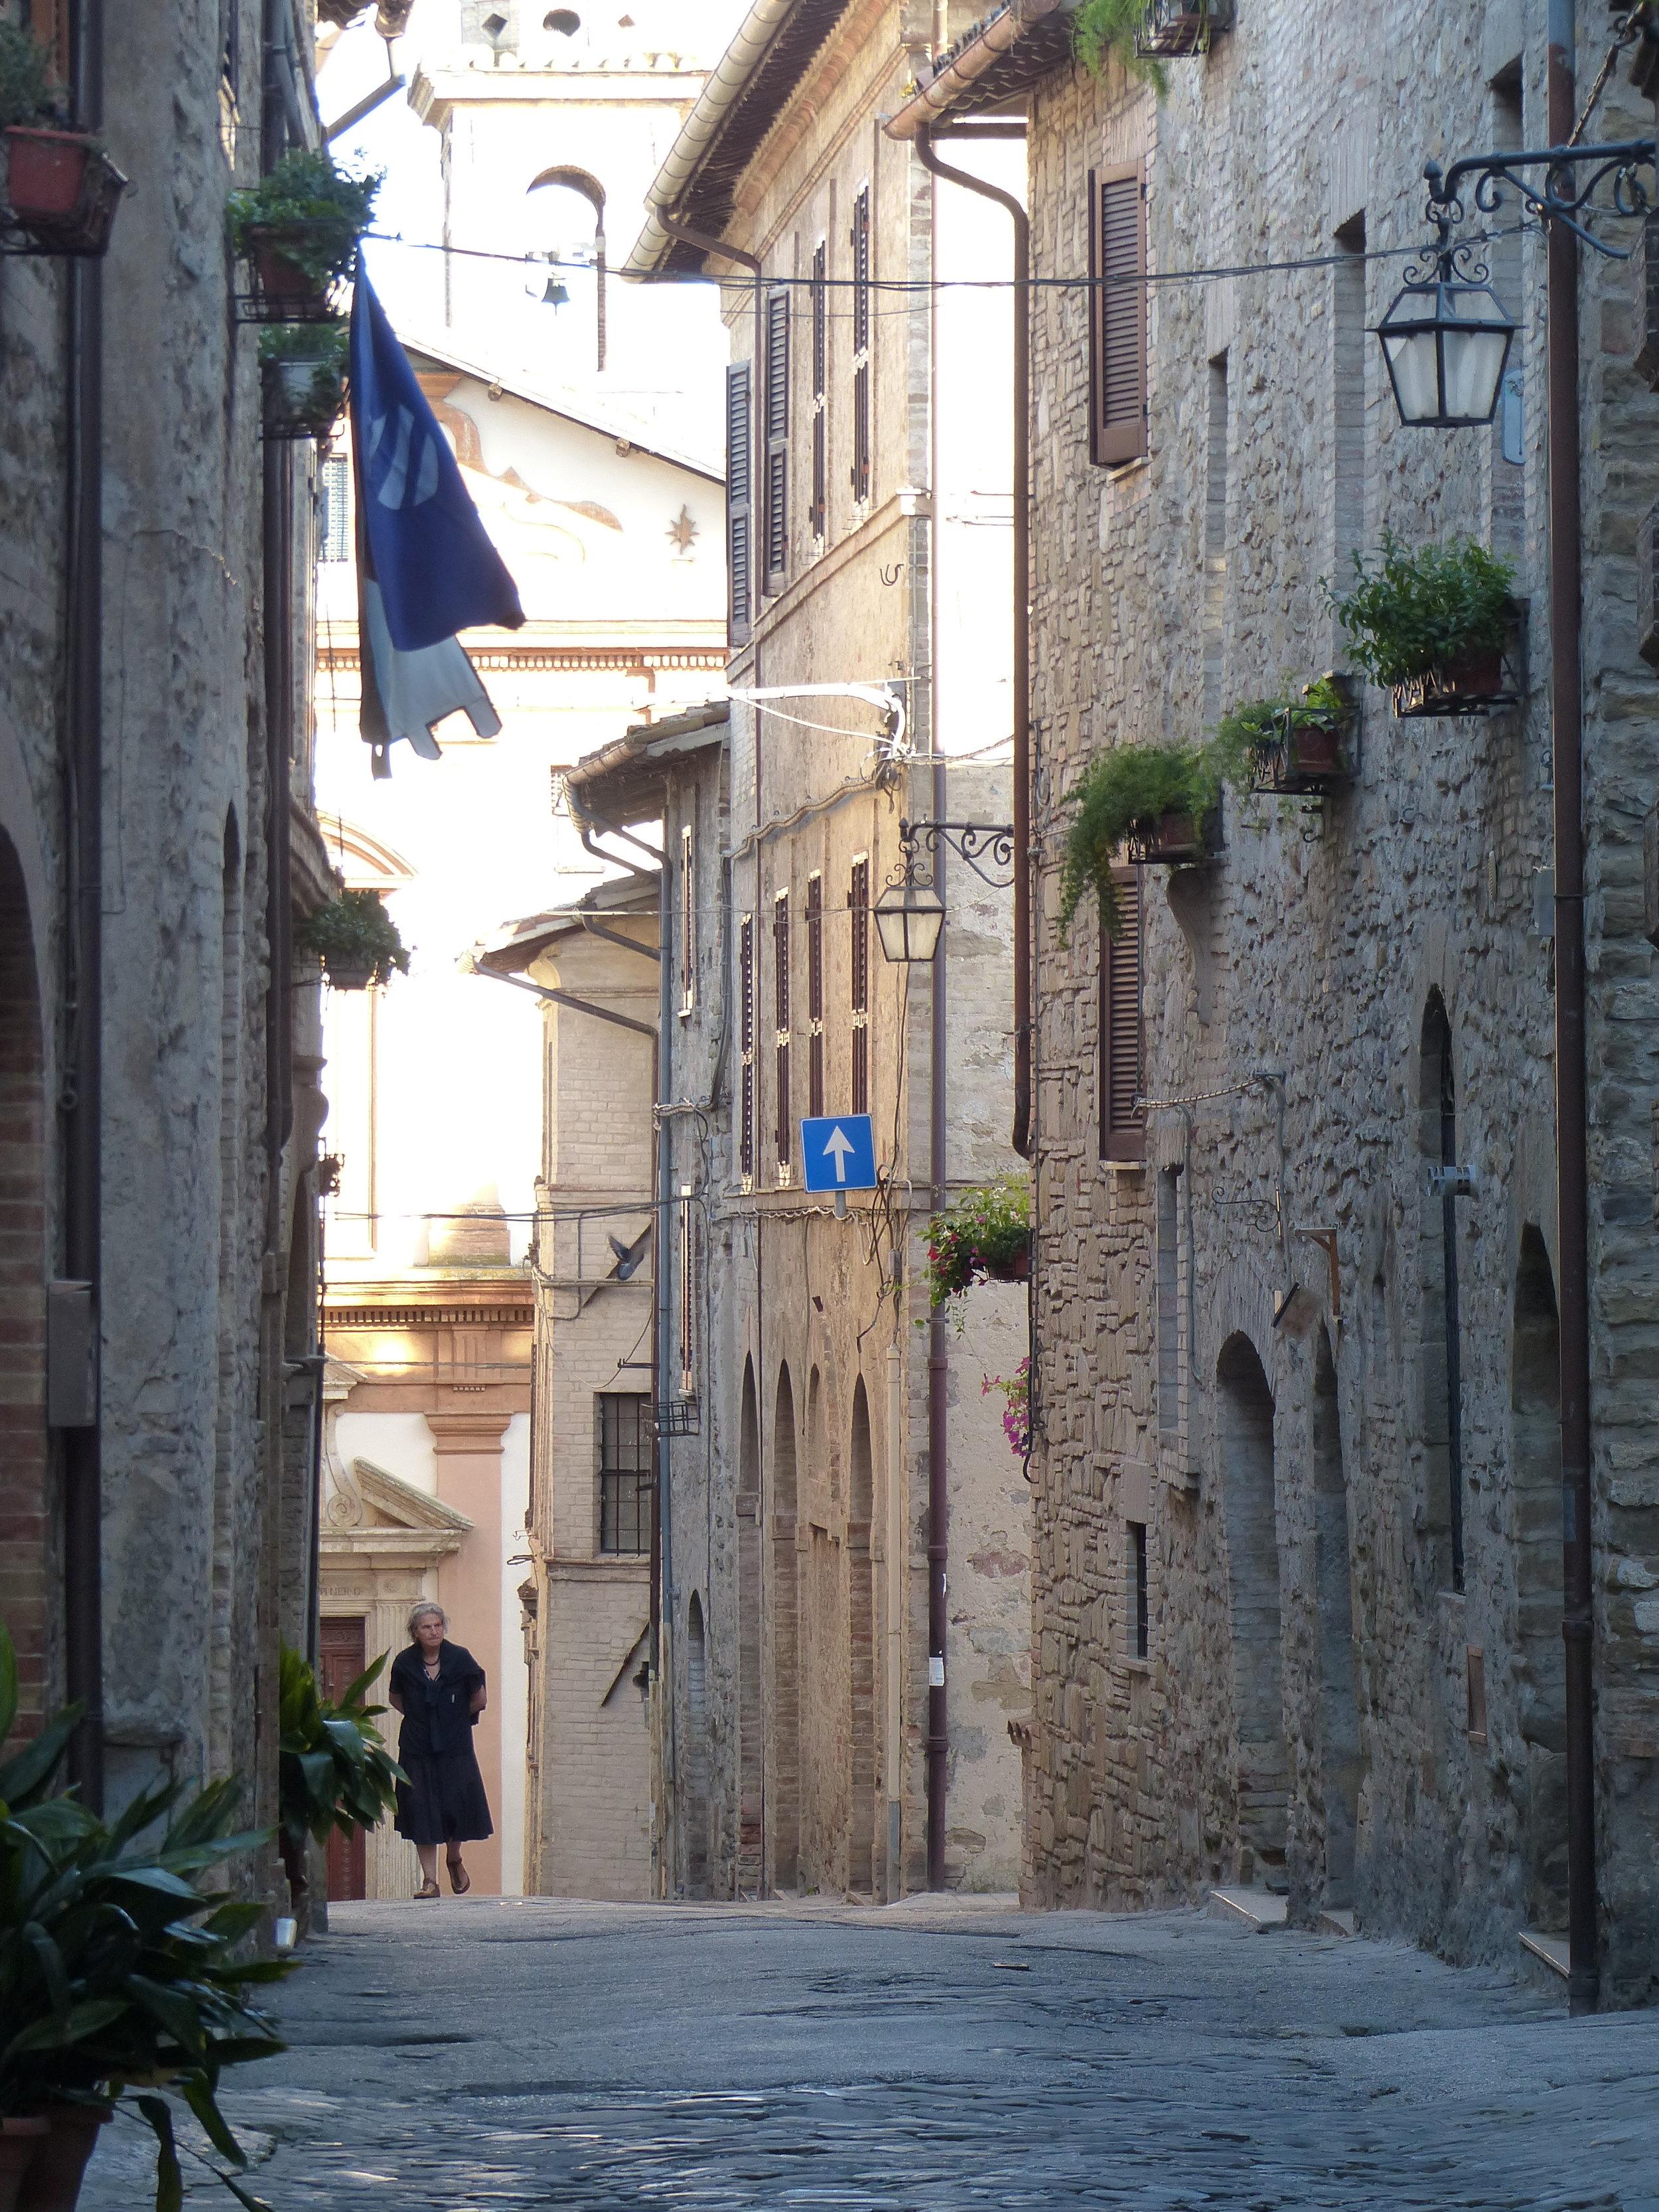 Bevagna street scene